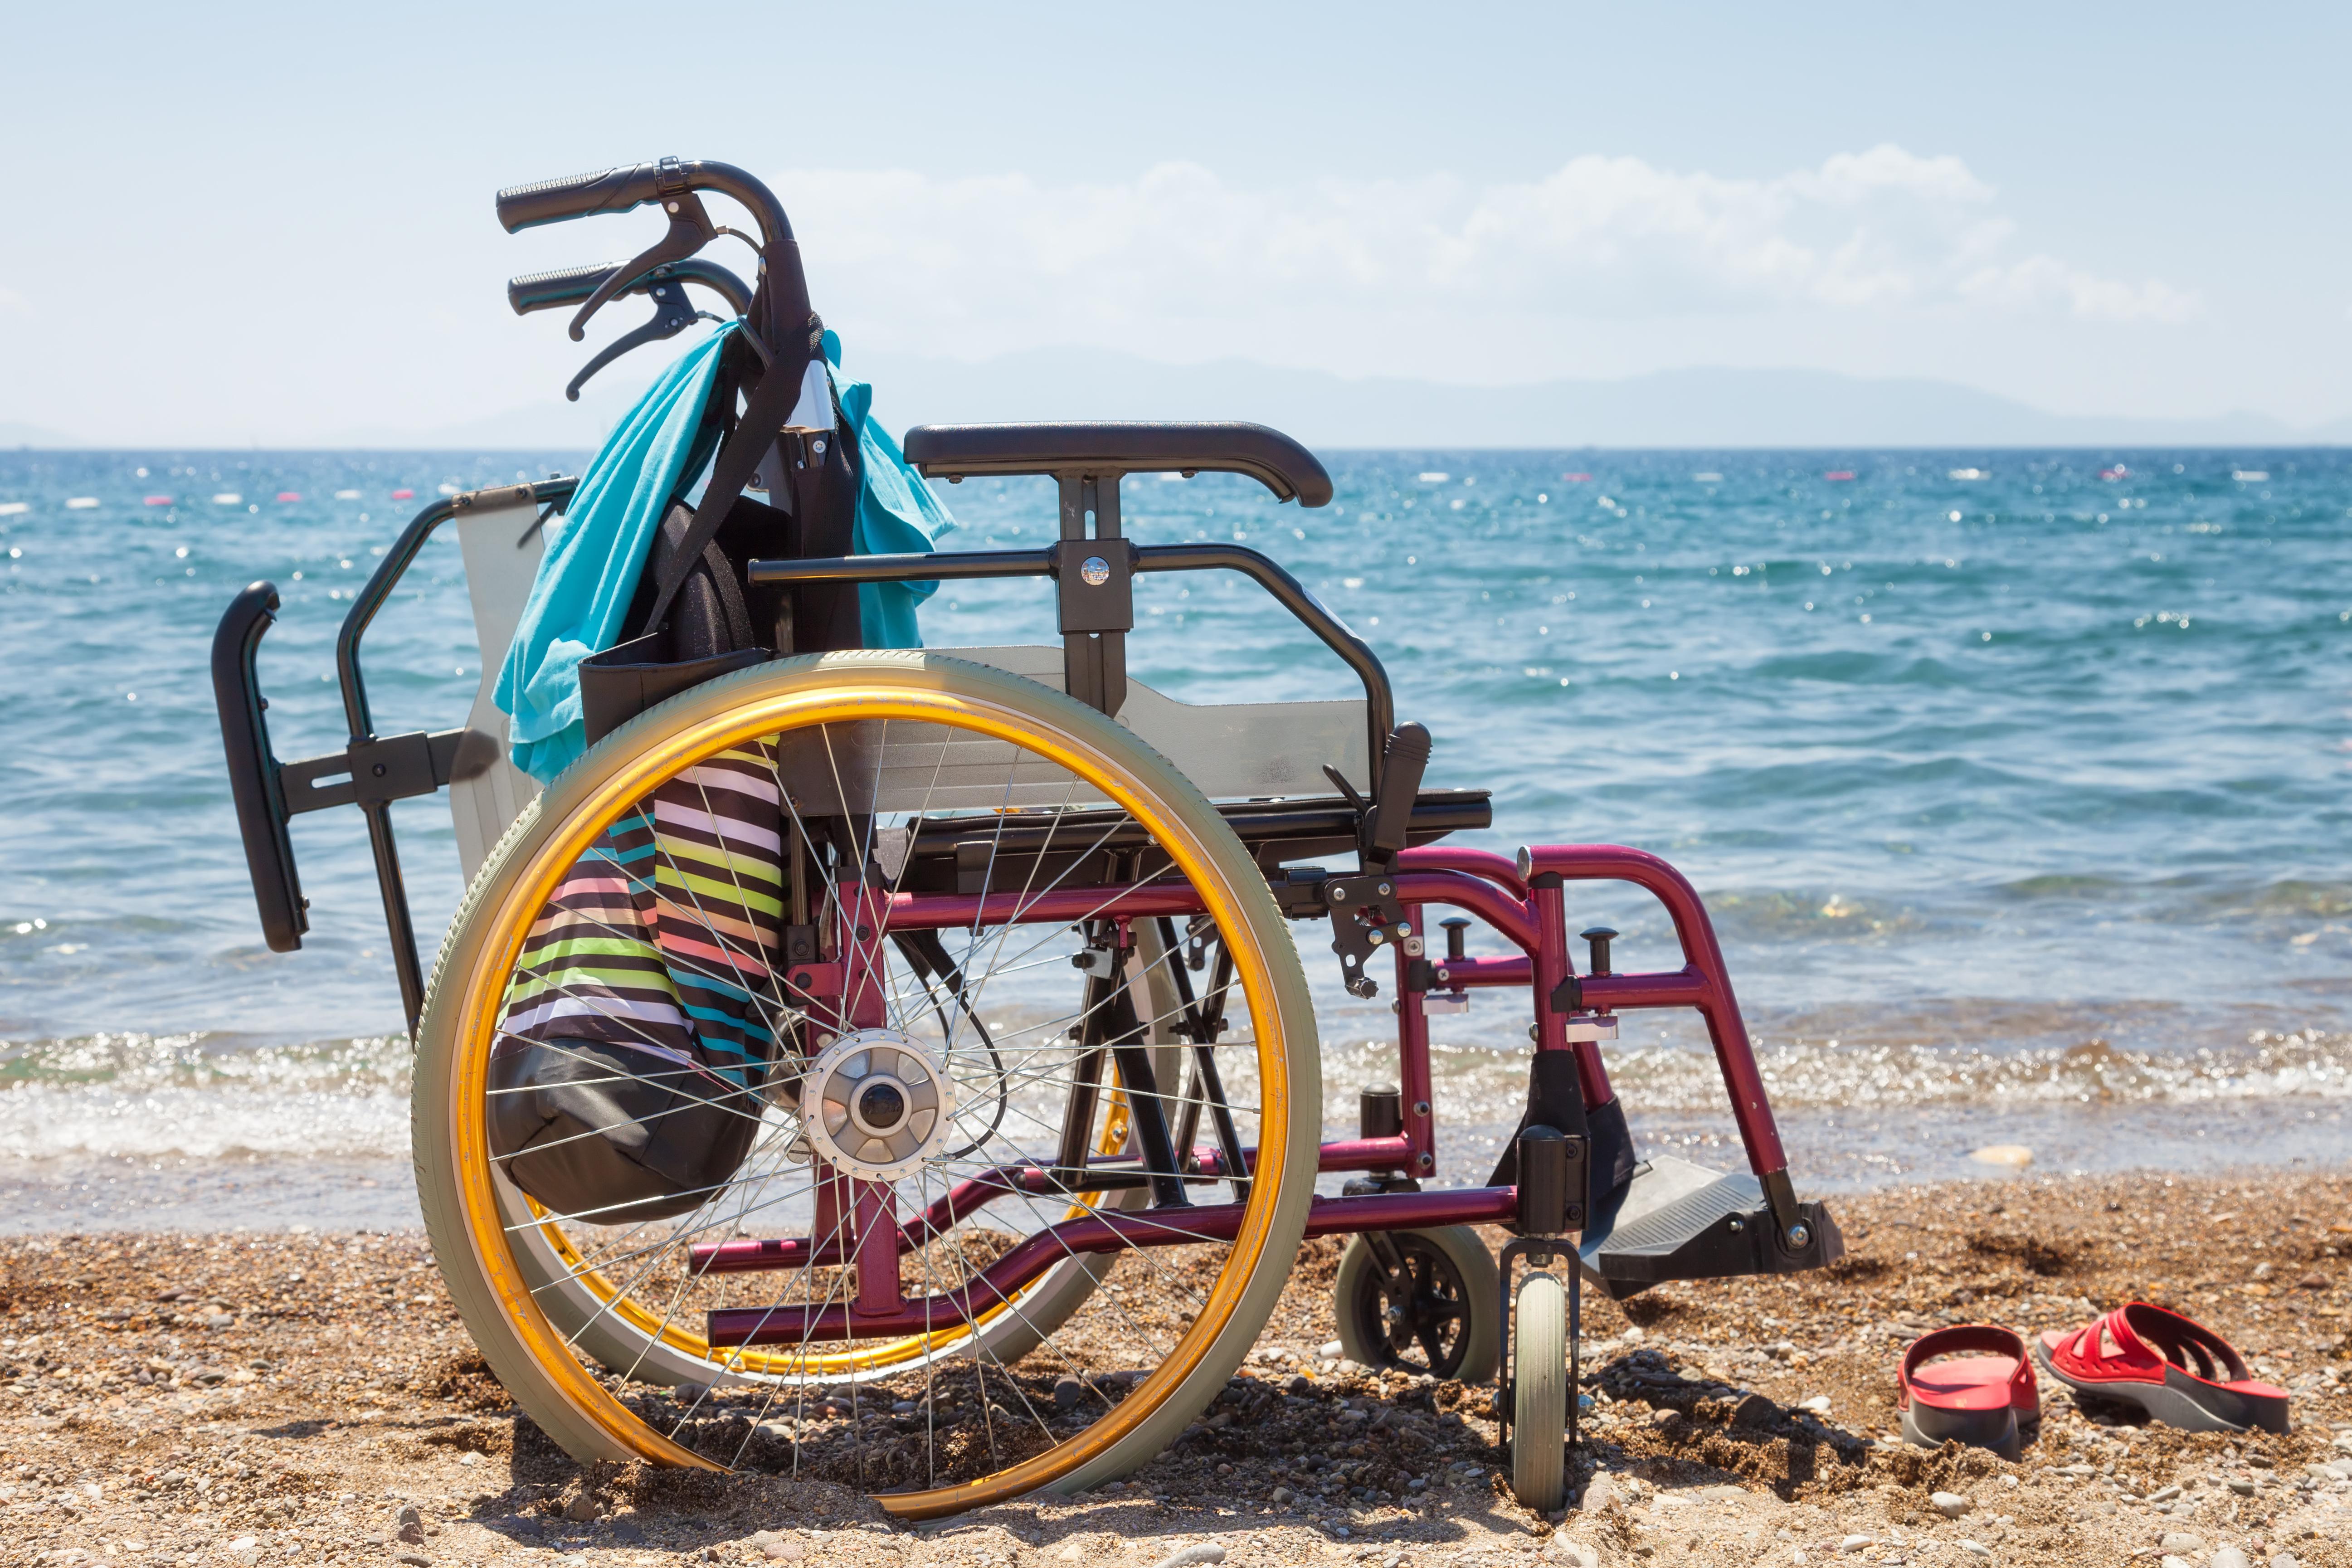 Een lege rolstoel op het strand omgeven met strandspullen, zoals een handdoek en slippers.